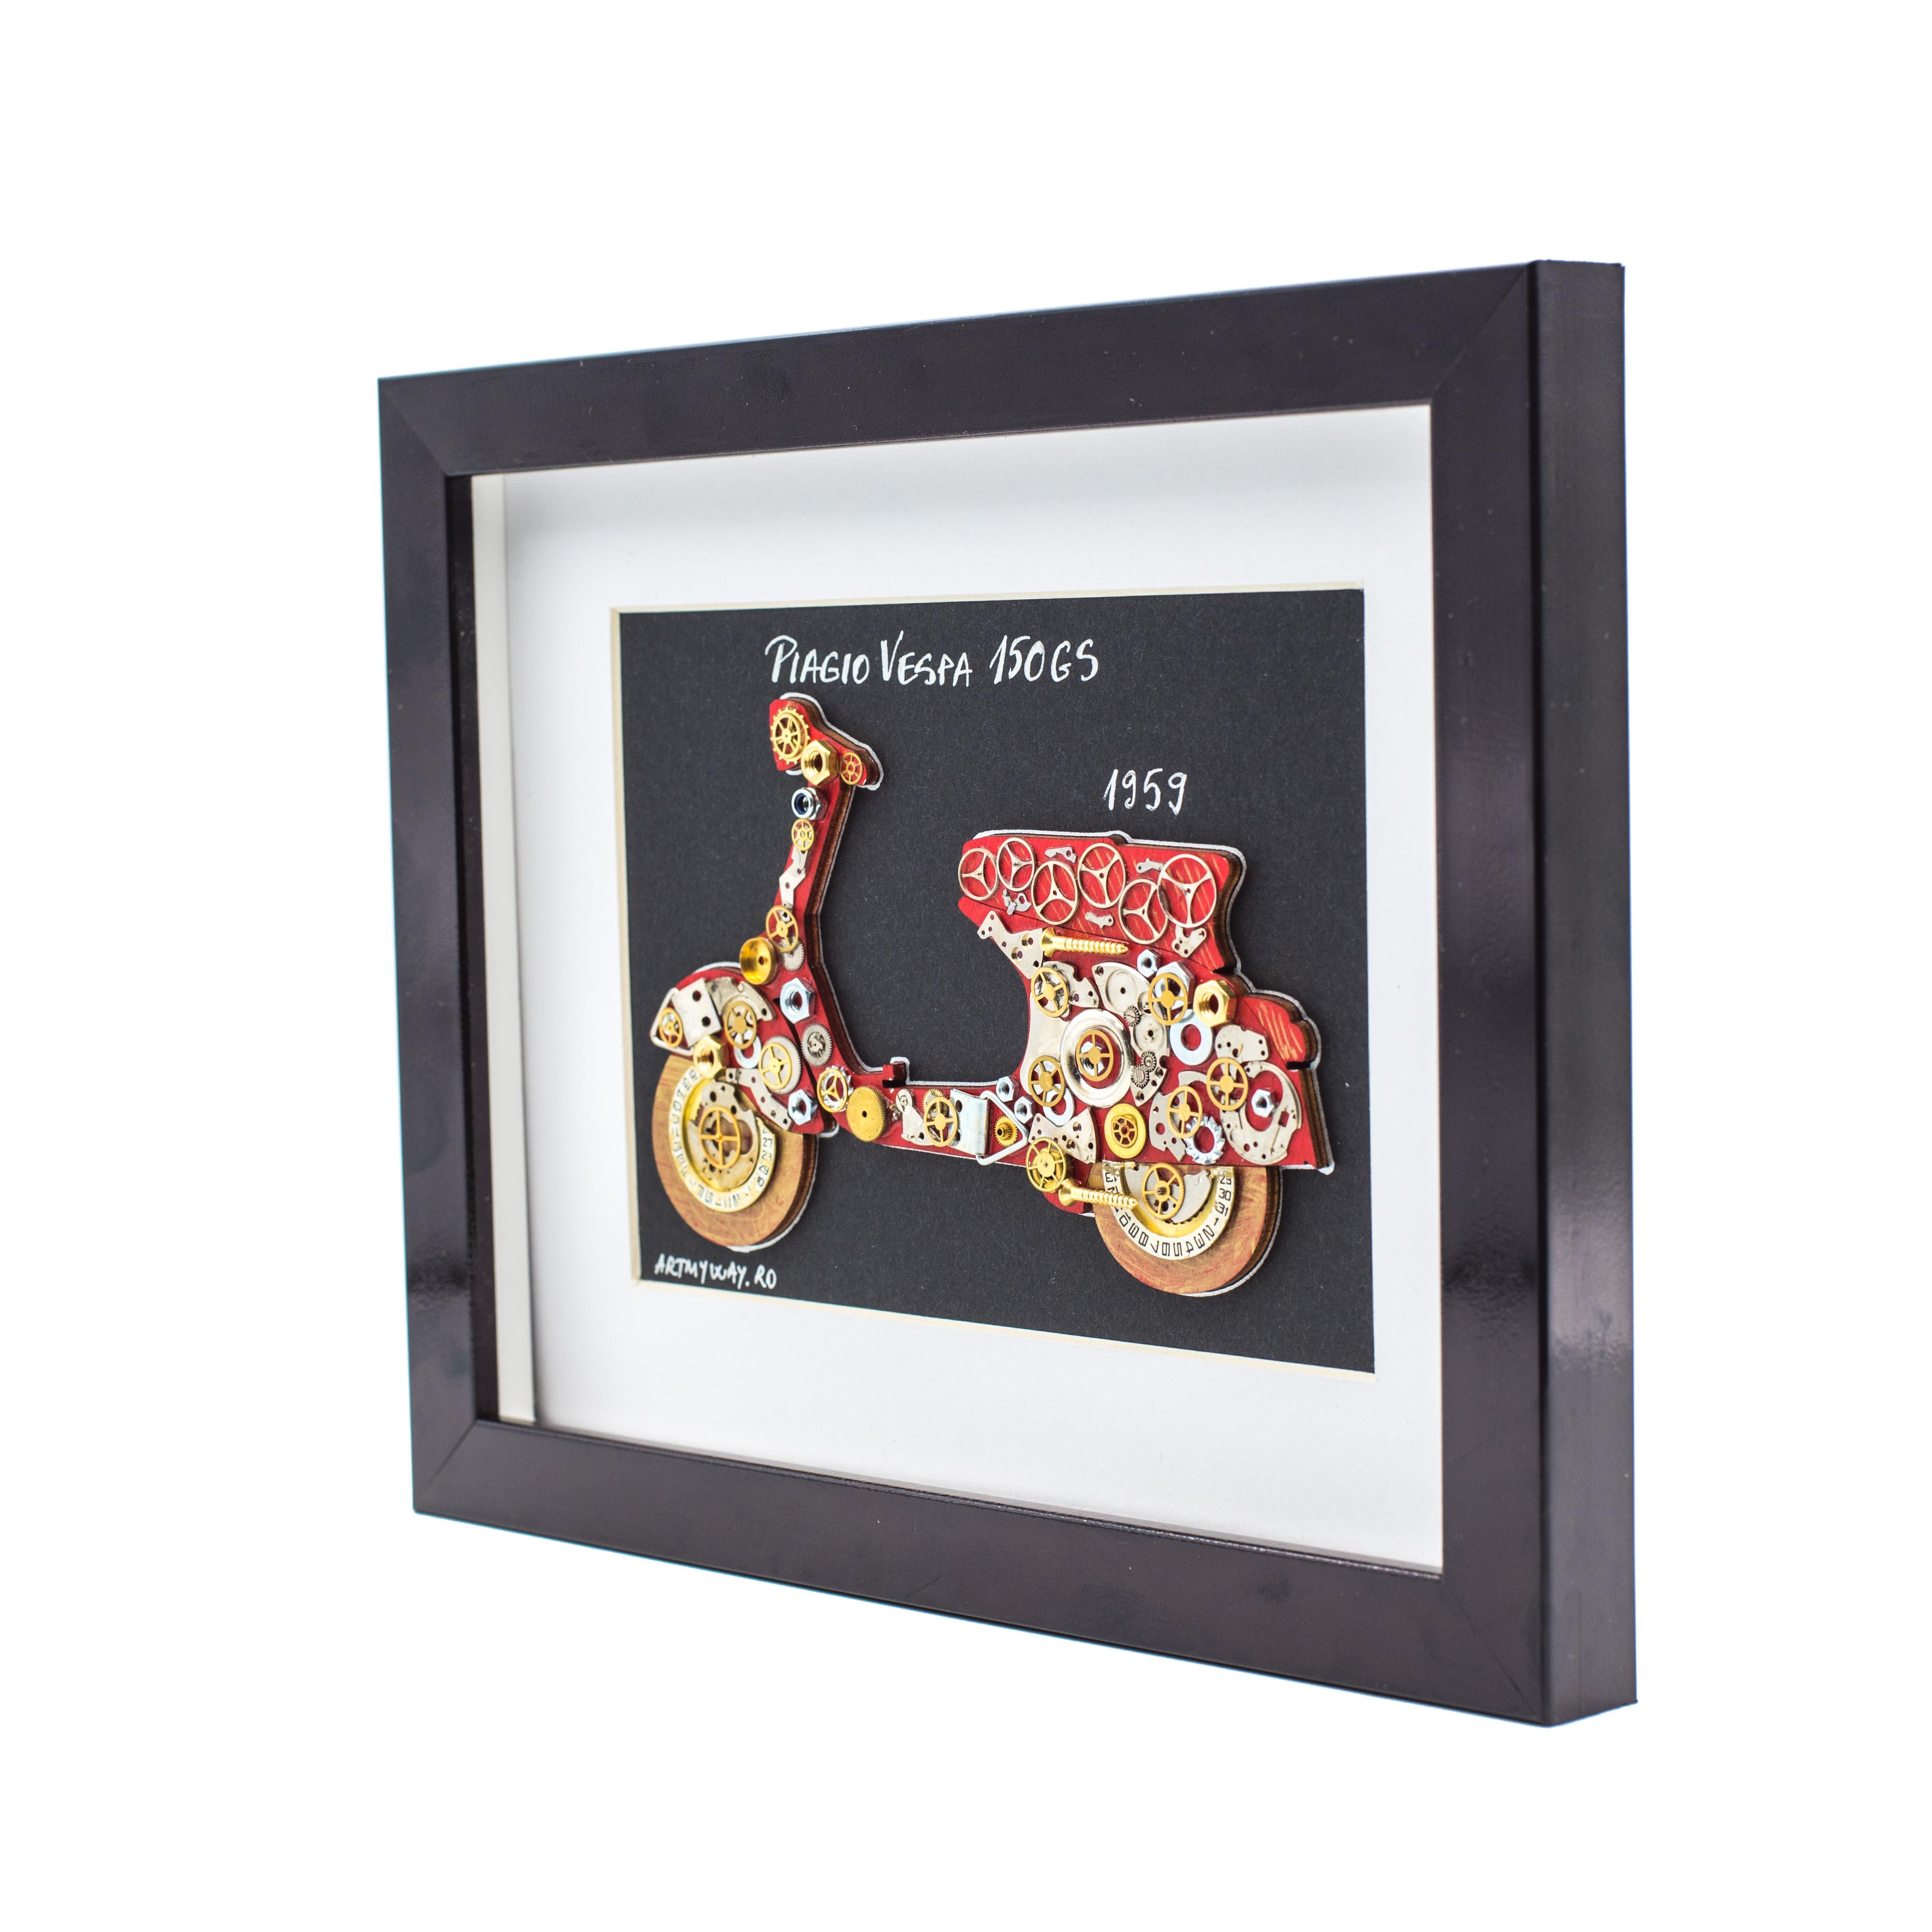 Tablou Piagio VESPA 150GS - Colectia Born to Ride1